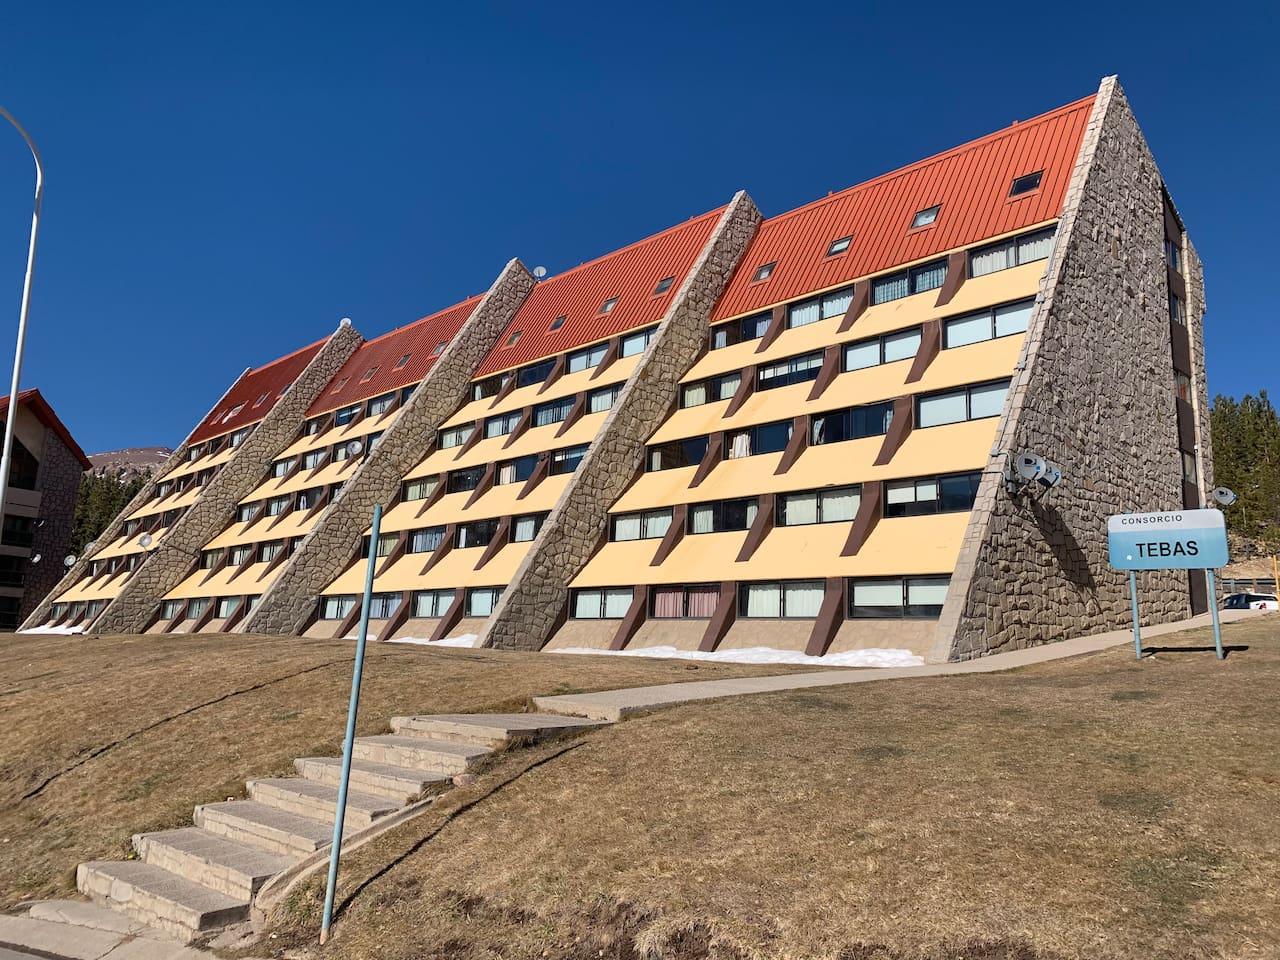 Edificio Tebas